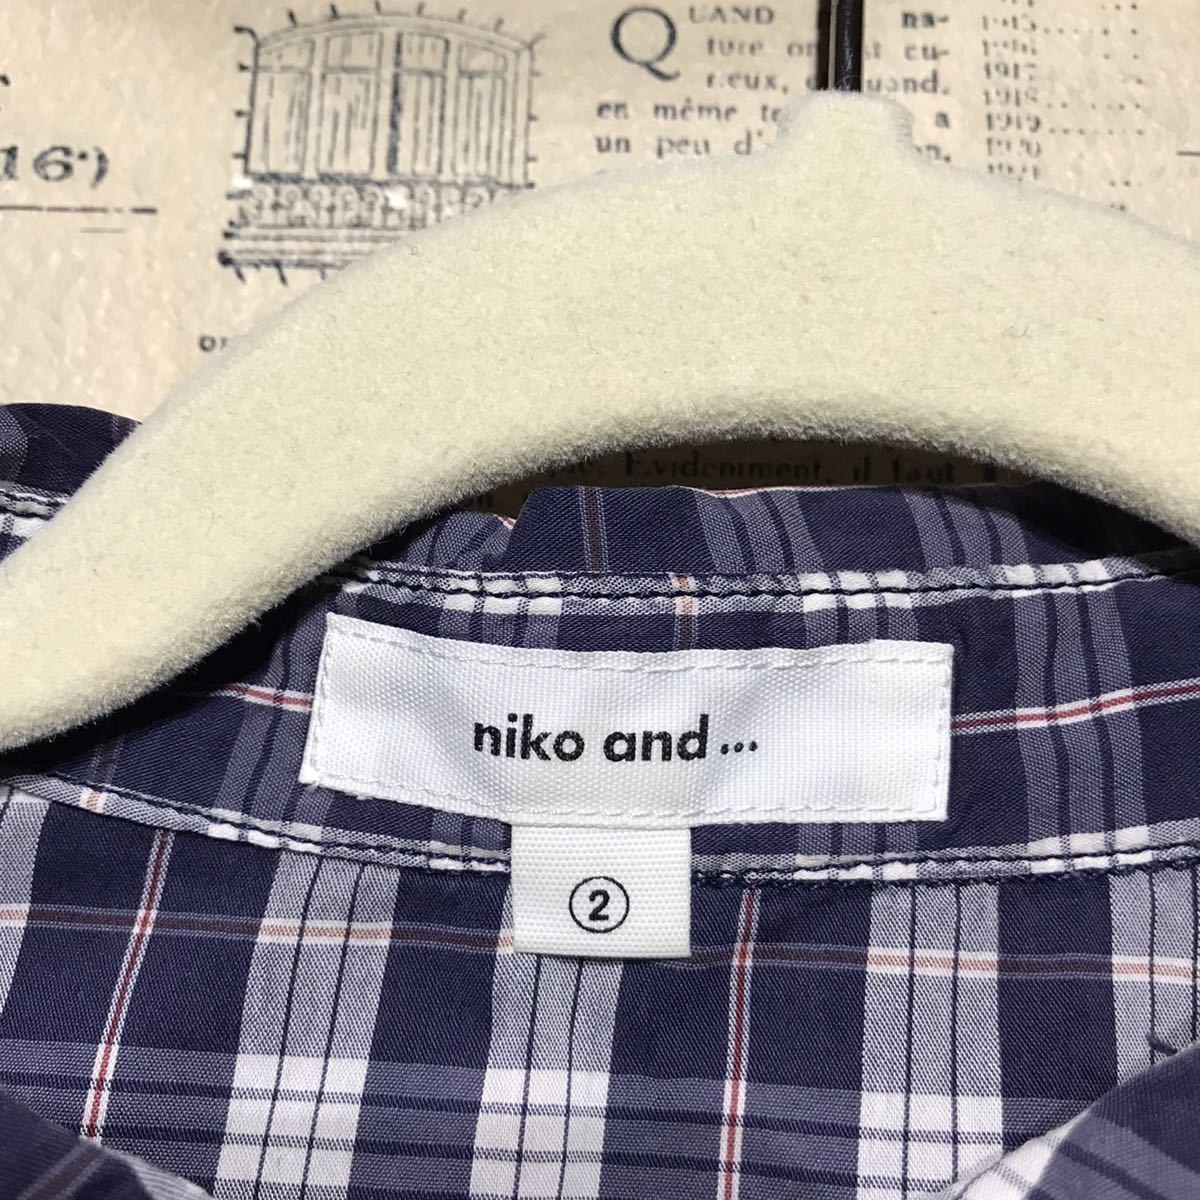 niko and ニコアンド 長袖シャツ サイズ2